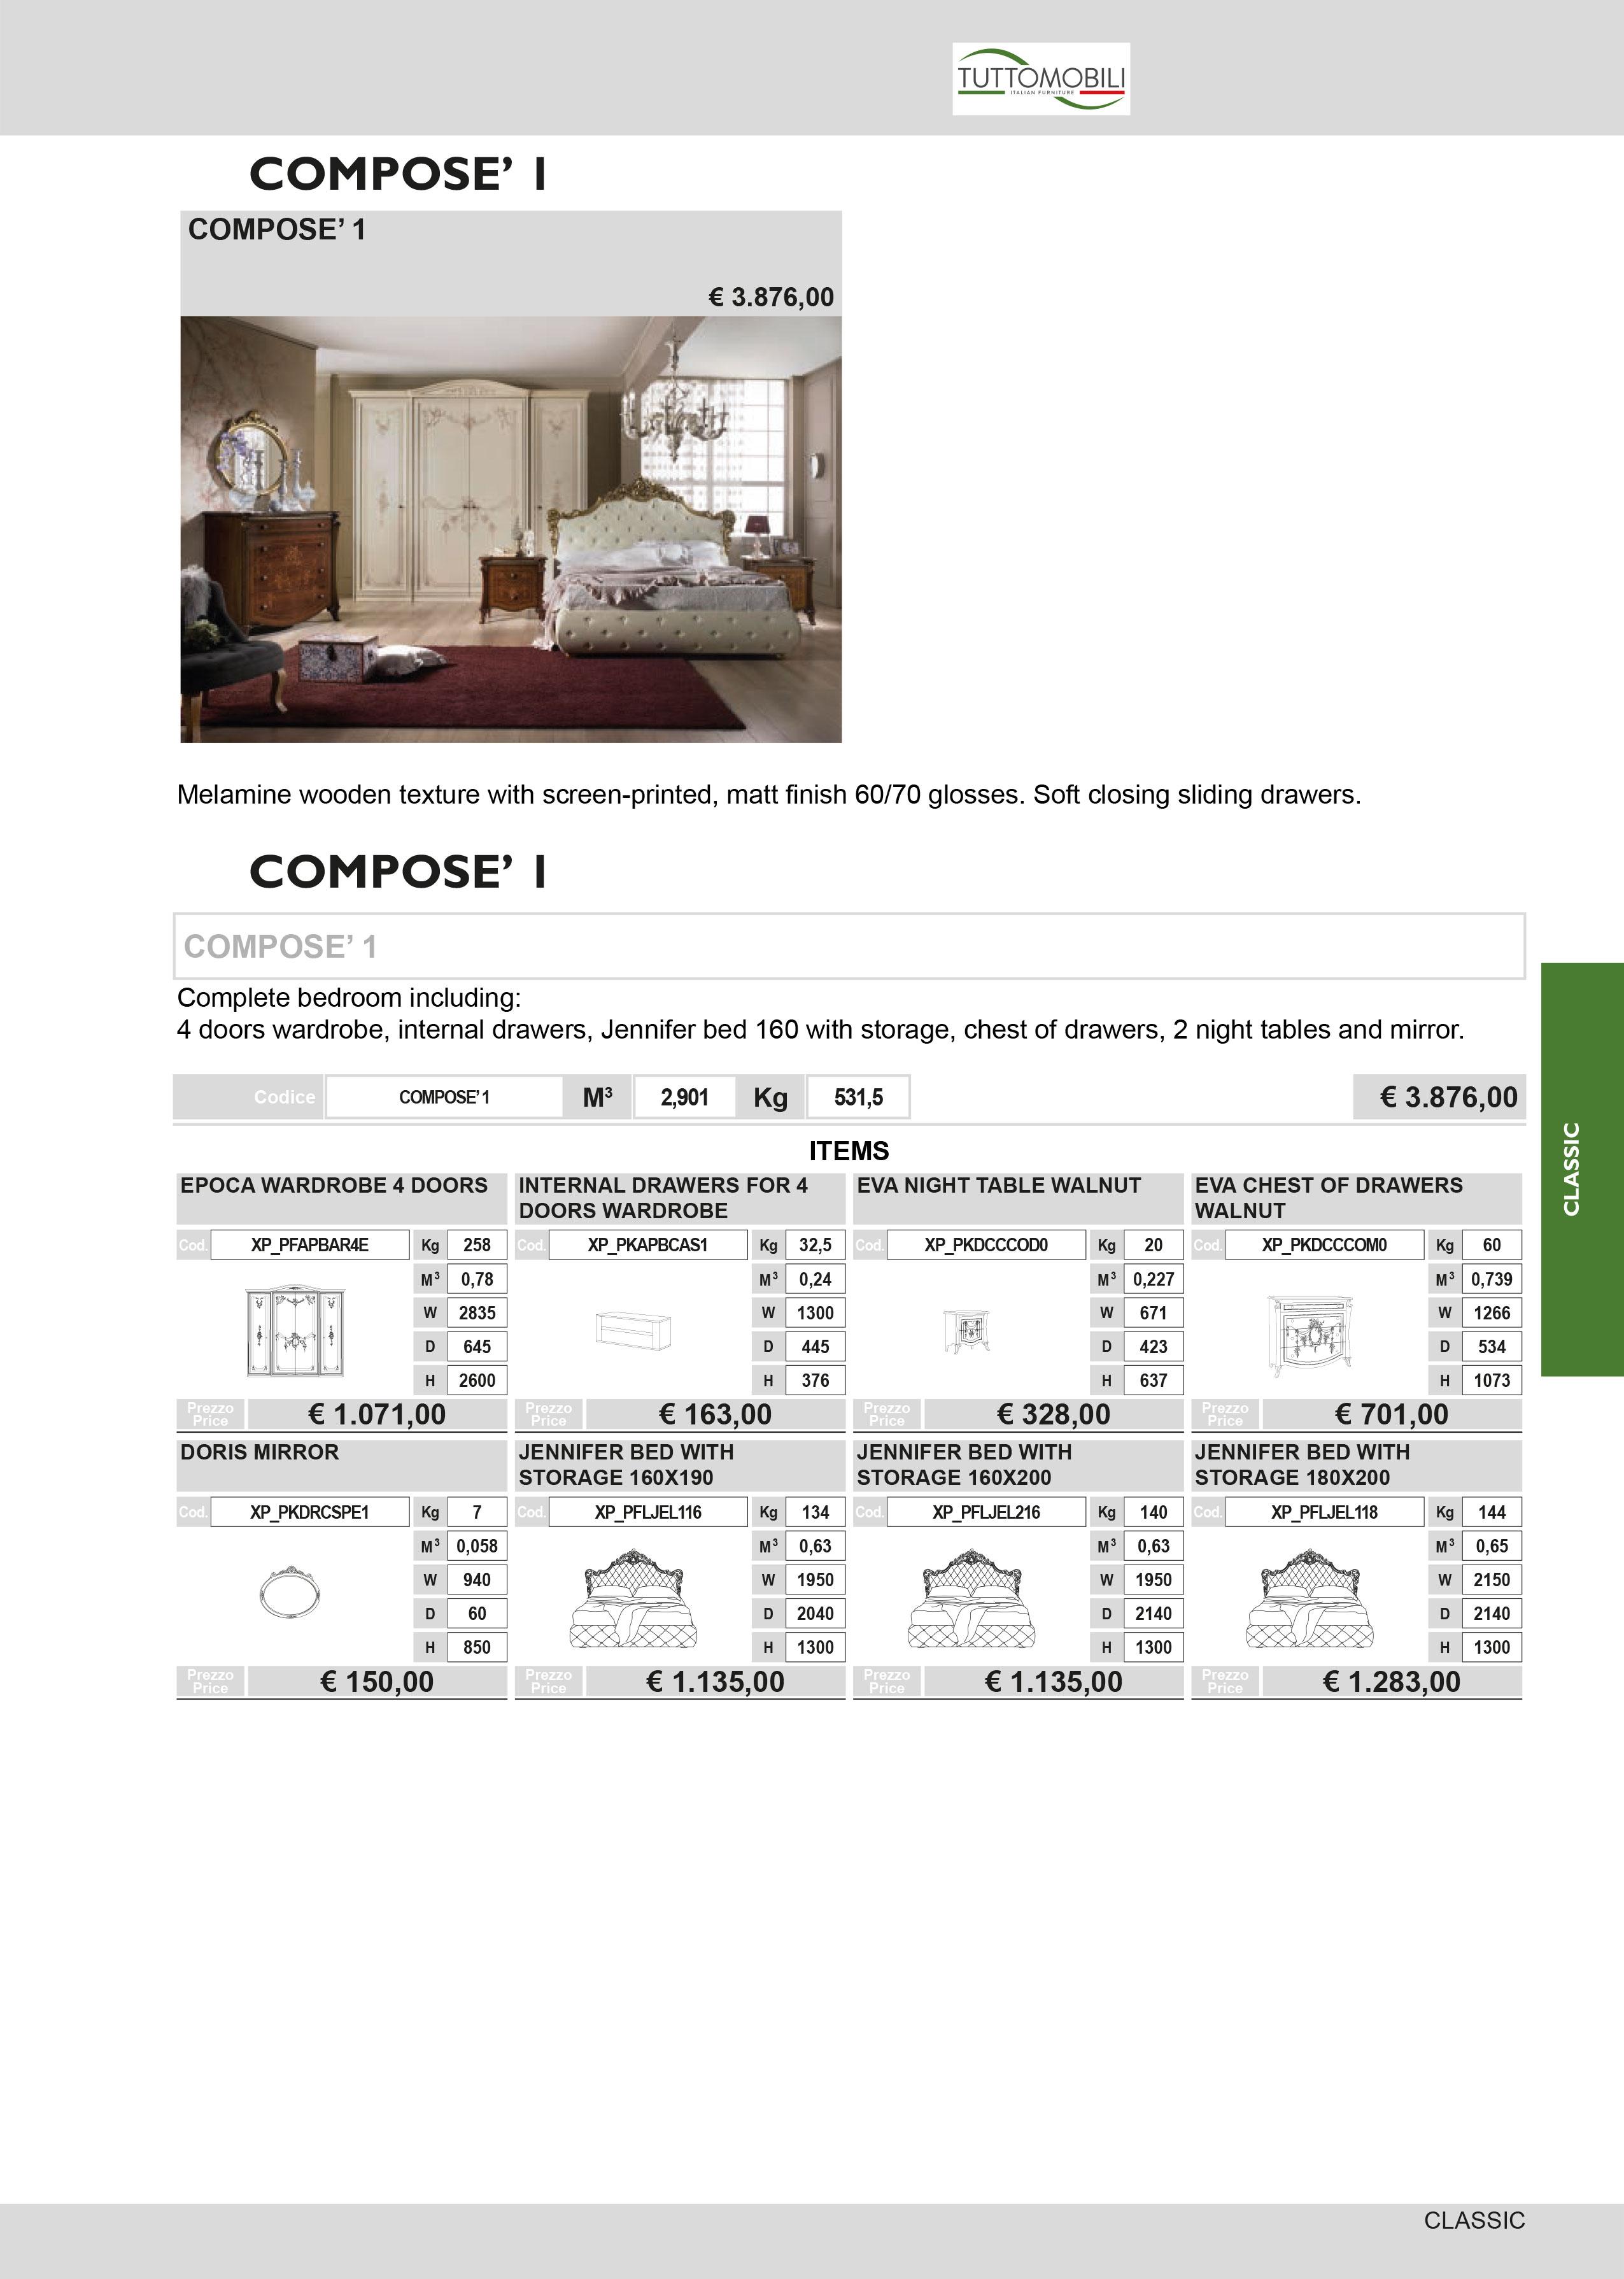 compose-1-schlafzimmer-preis